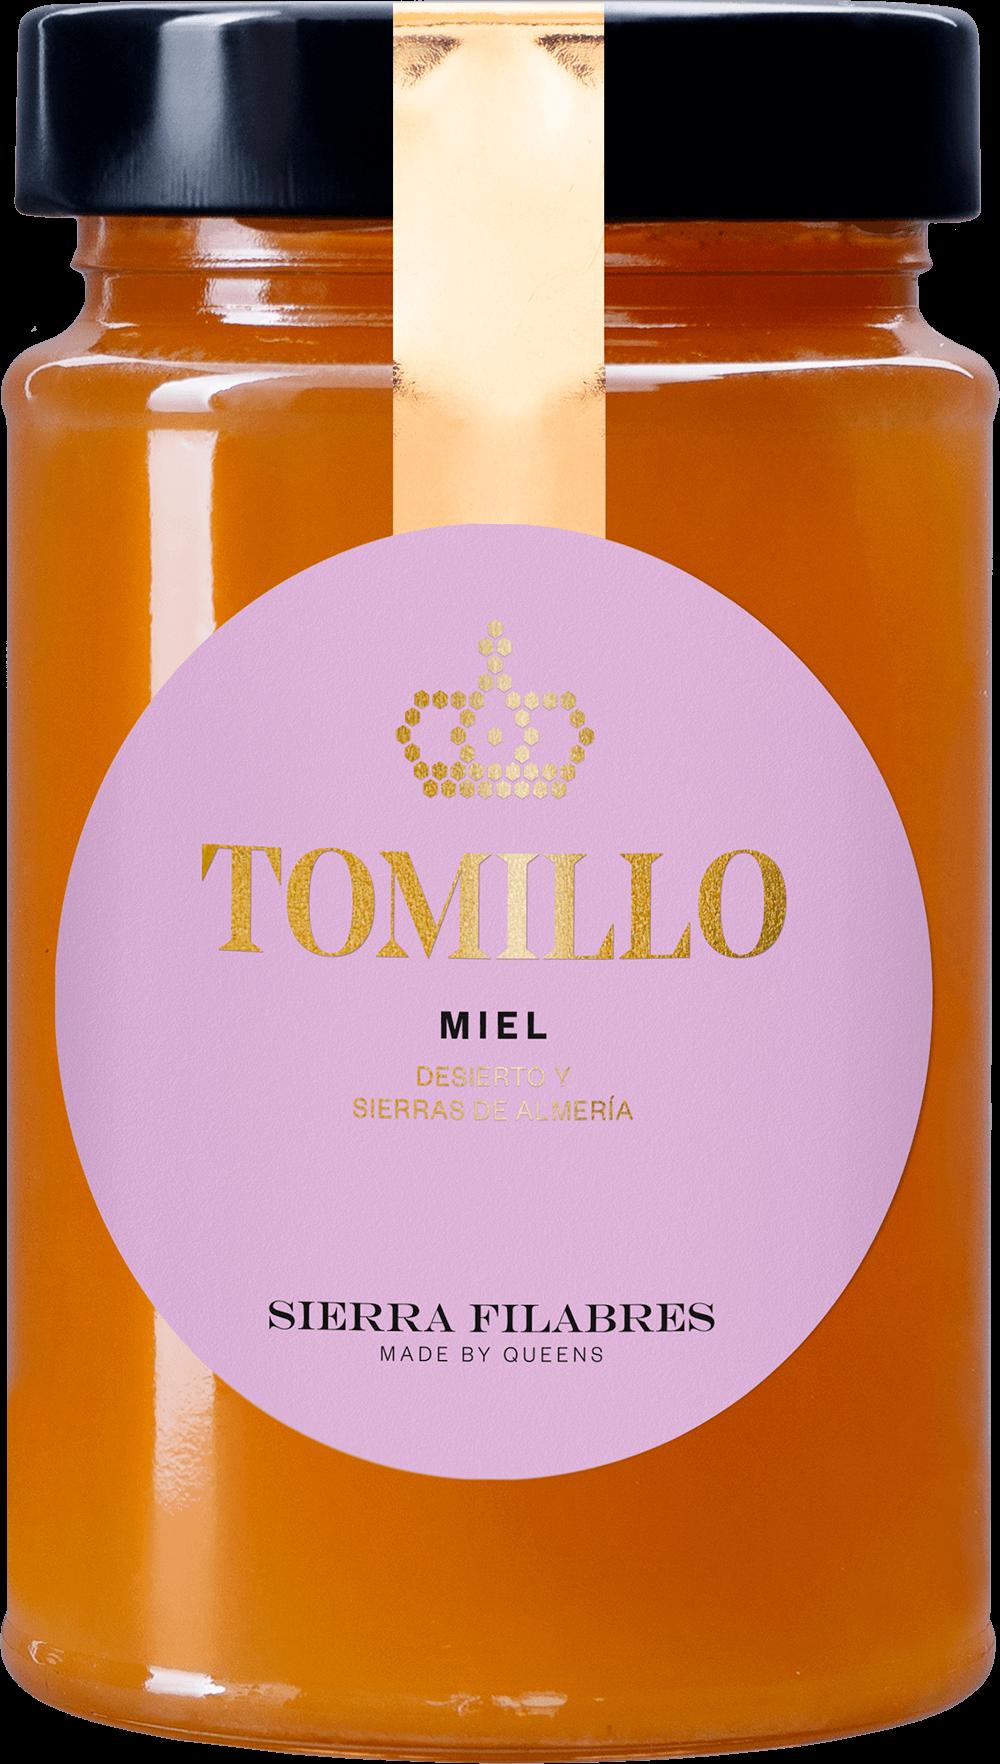 miel-clasica-tomillo